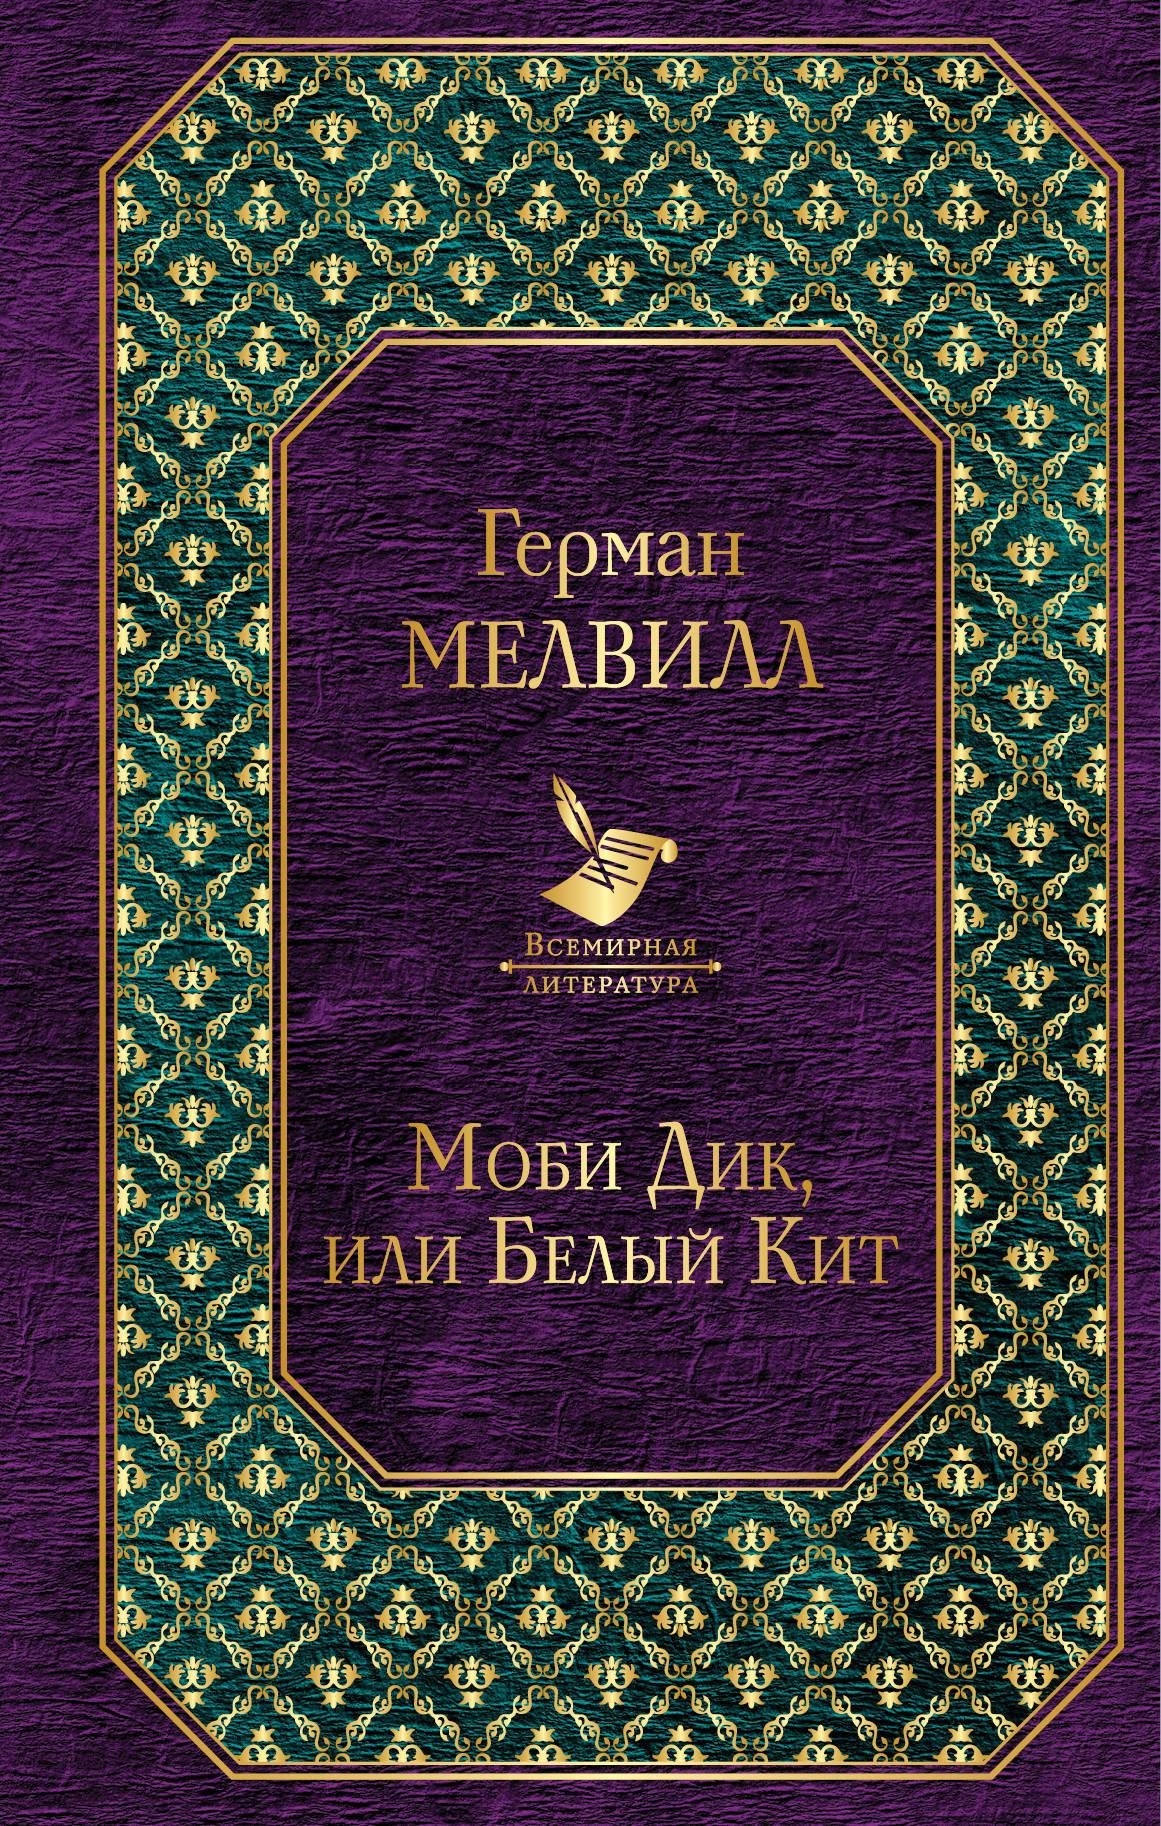 Мелвилл Герман Моби Дик, или Белый Кит